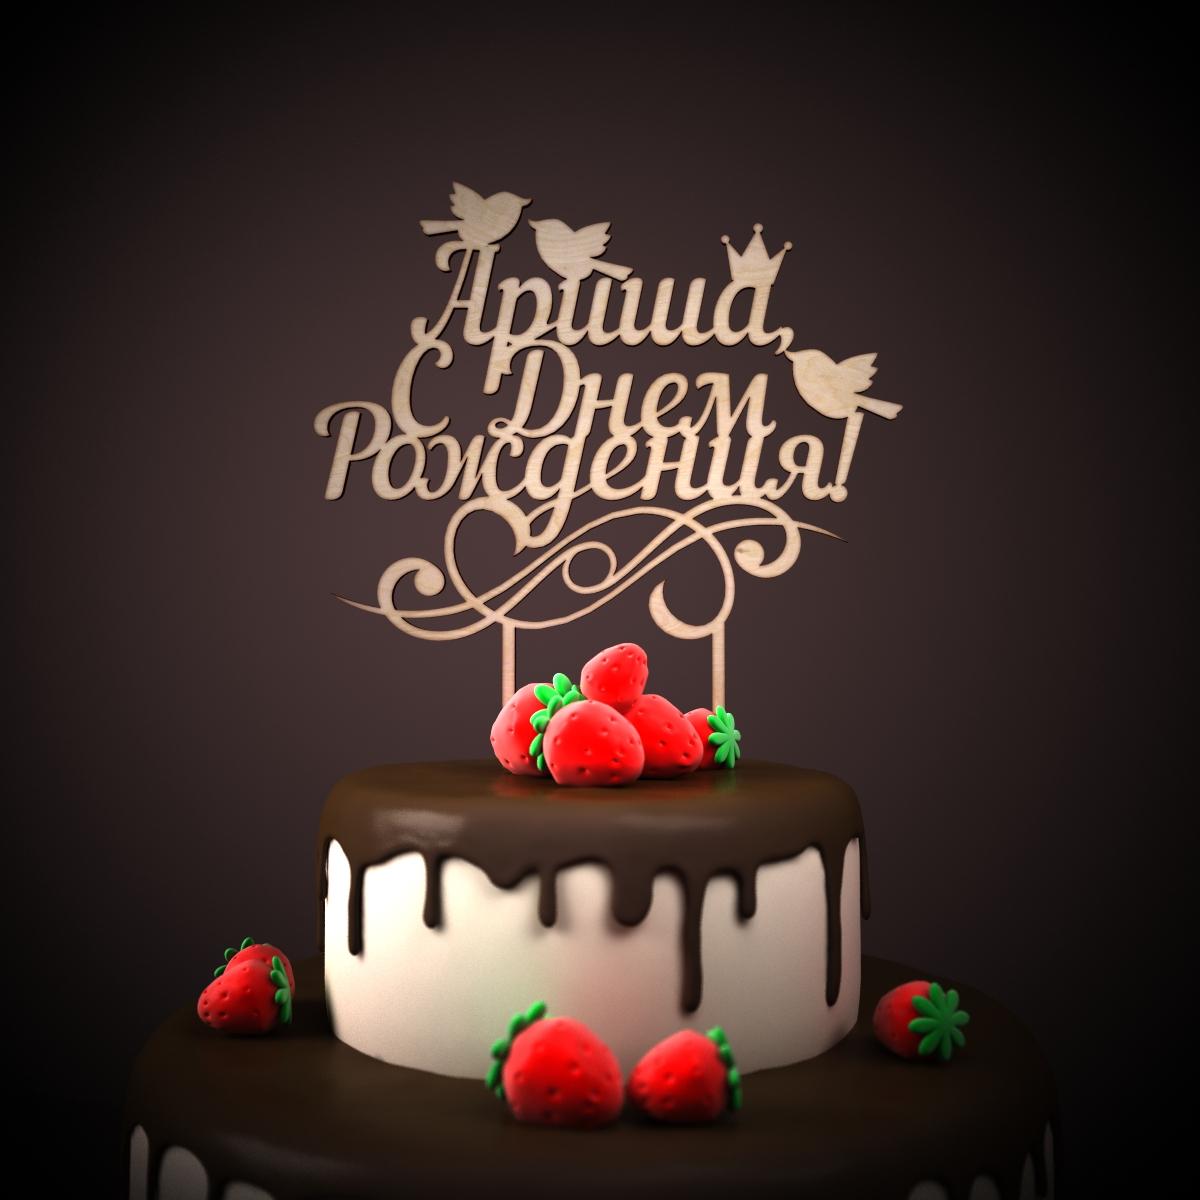 Поздравления с днем рождения арине девочке 3 года